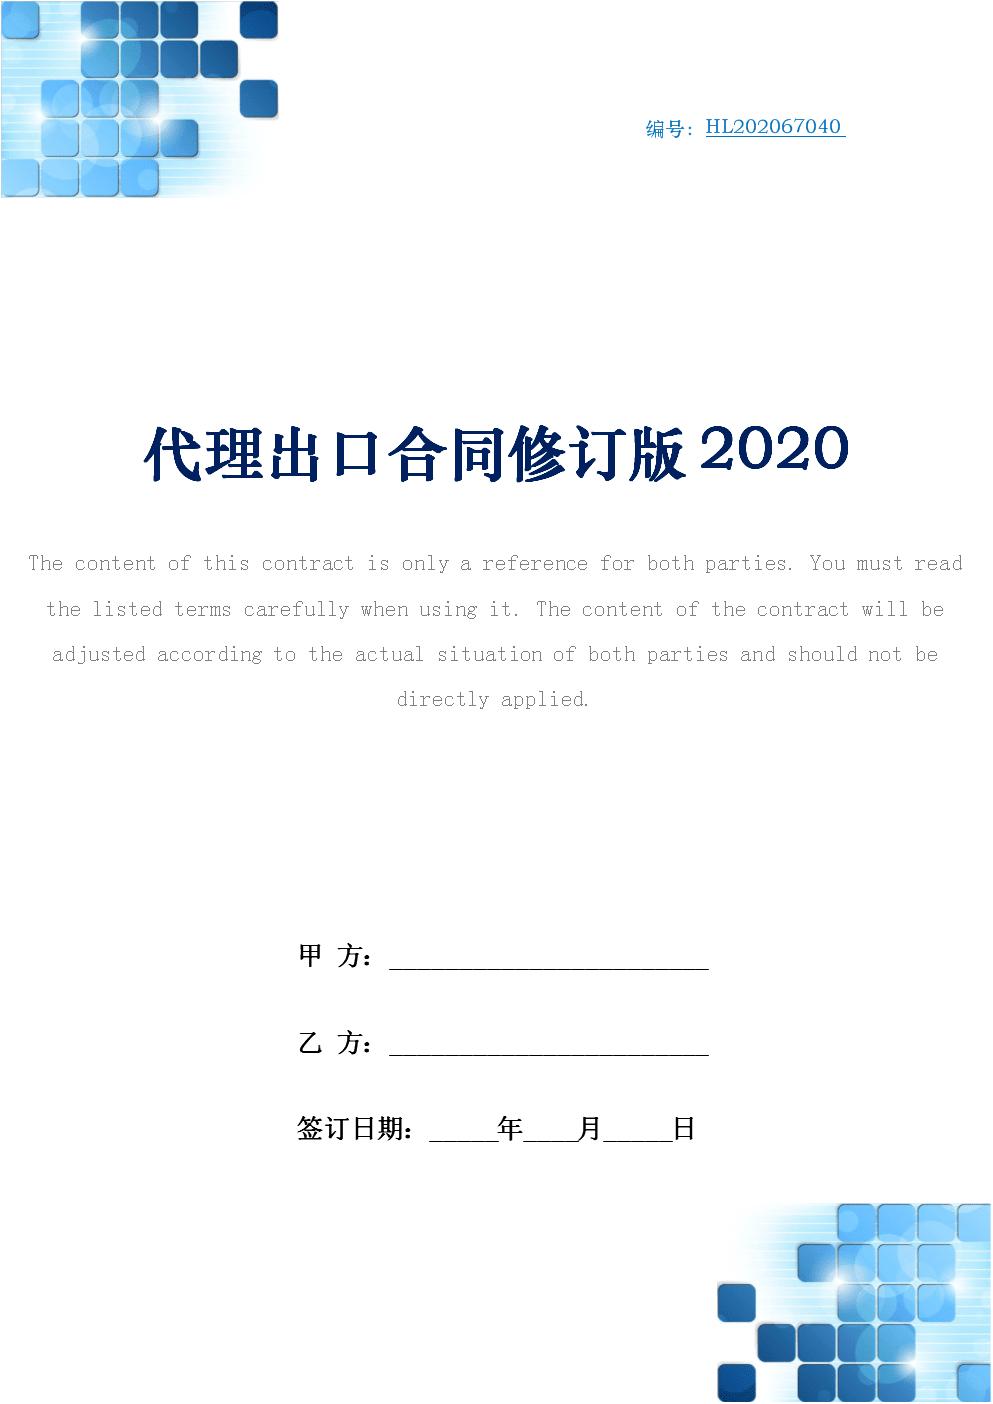 代理出口合同修订版2020.docx